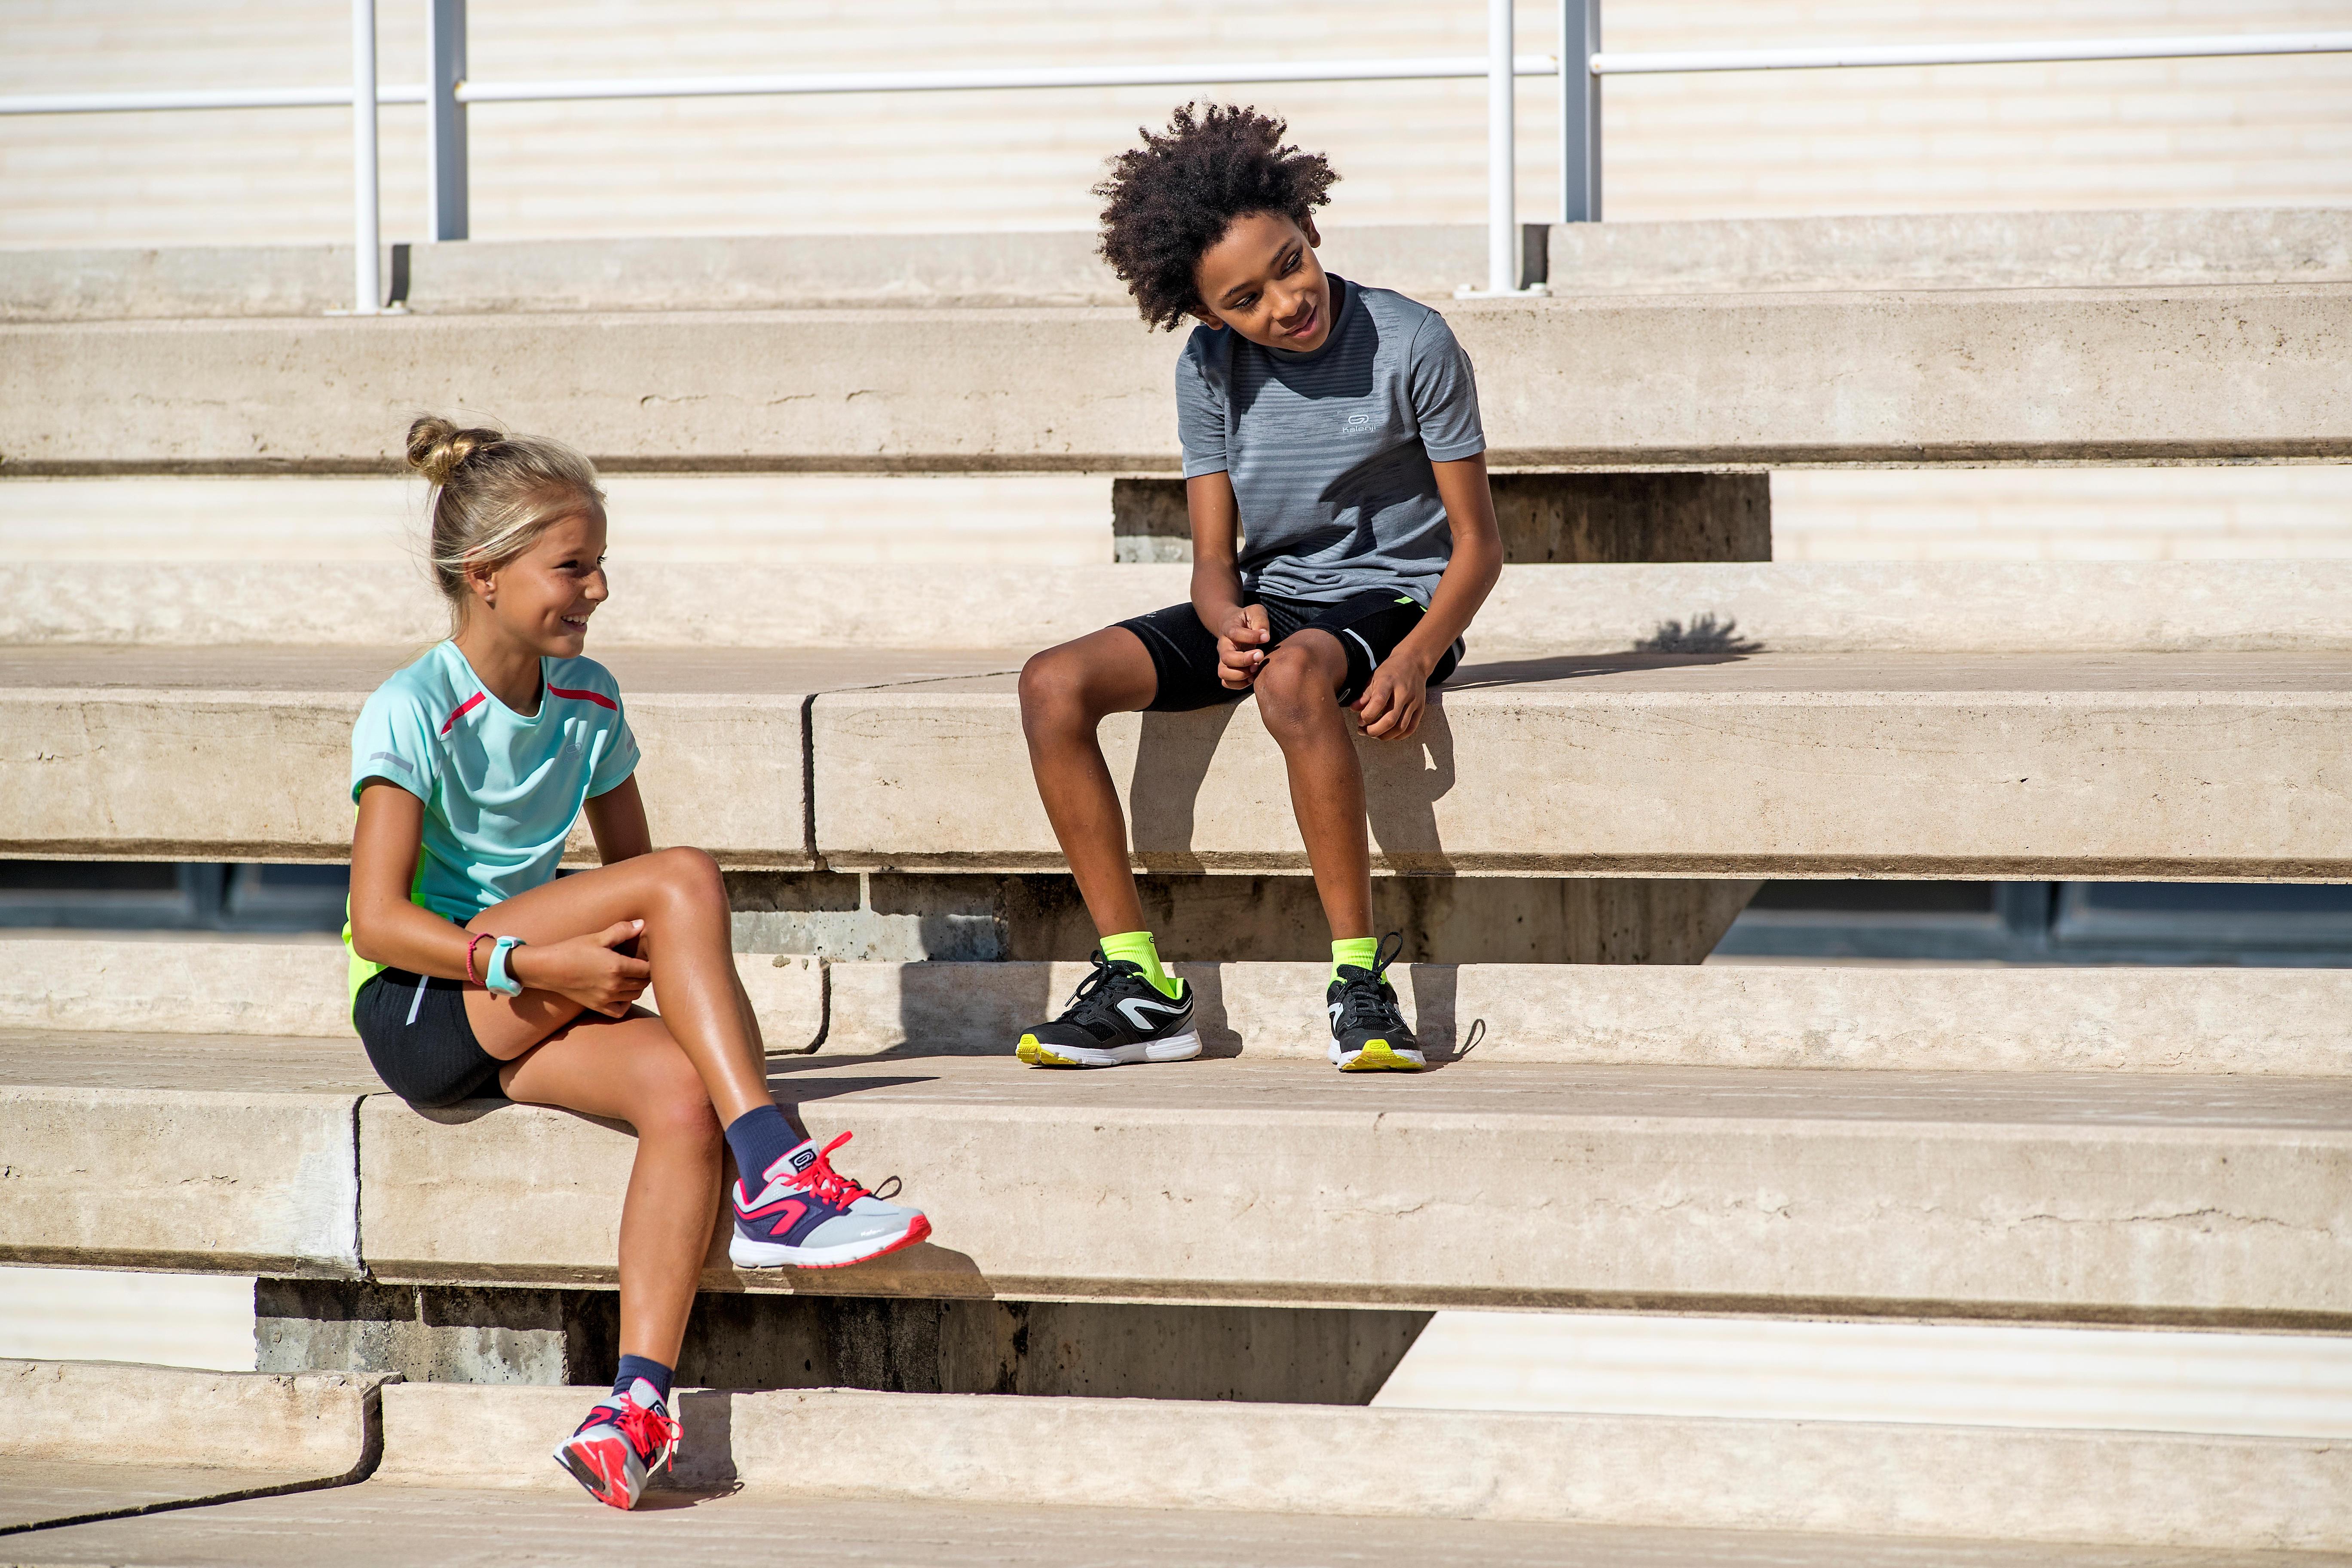 çocuklarda yarış psikolojisi